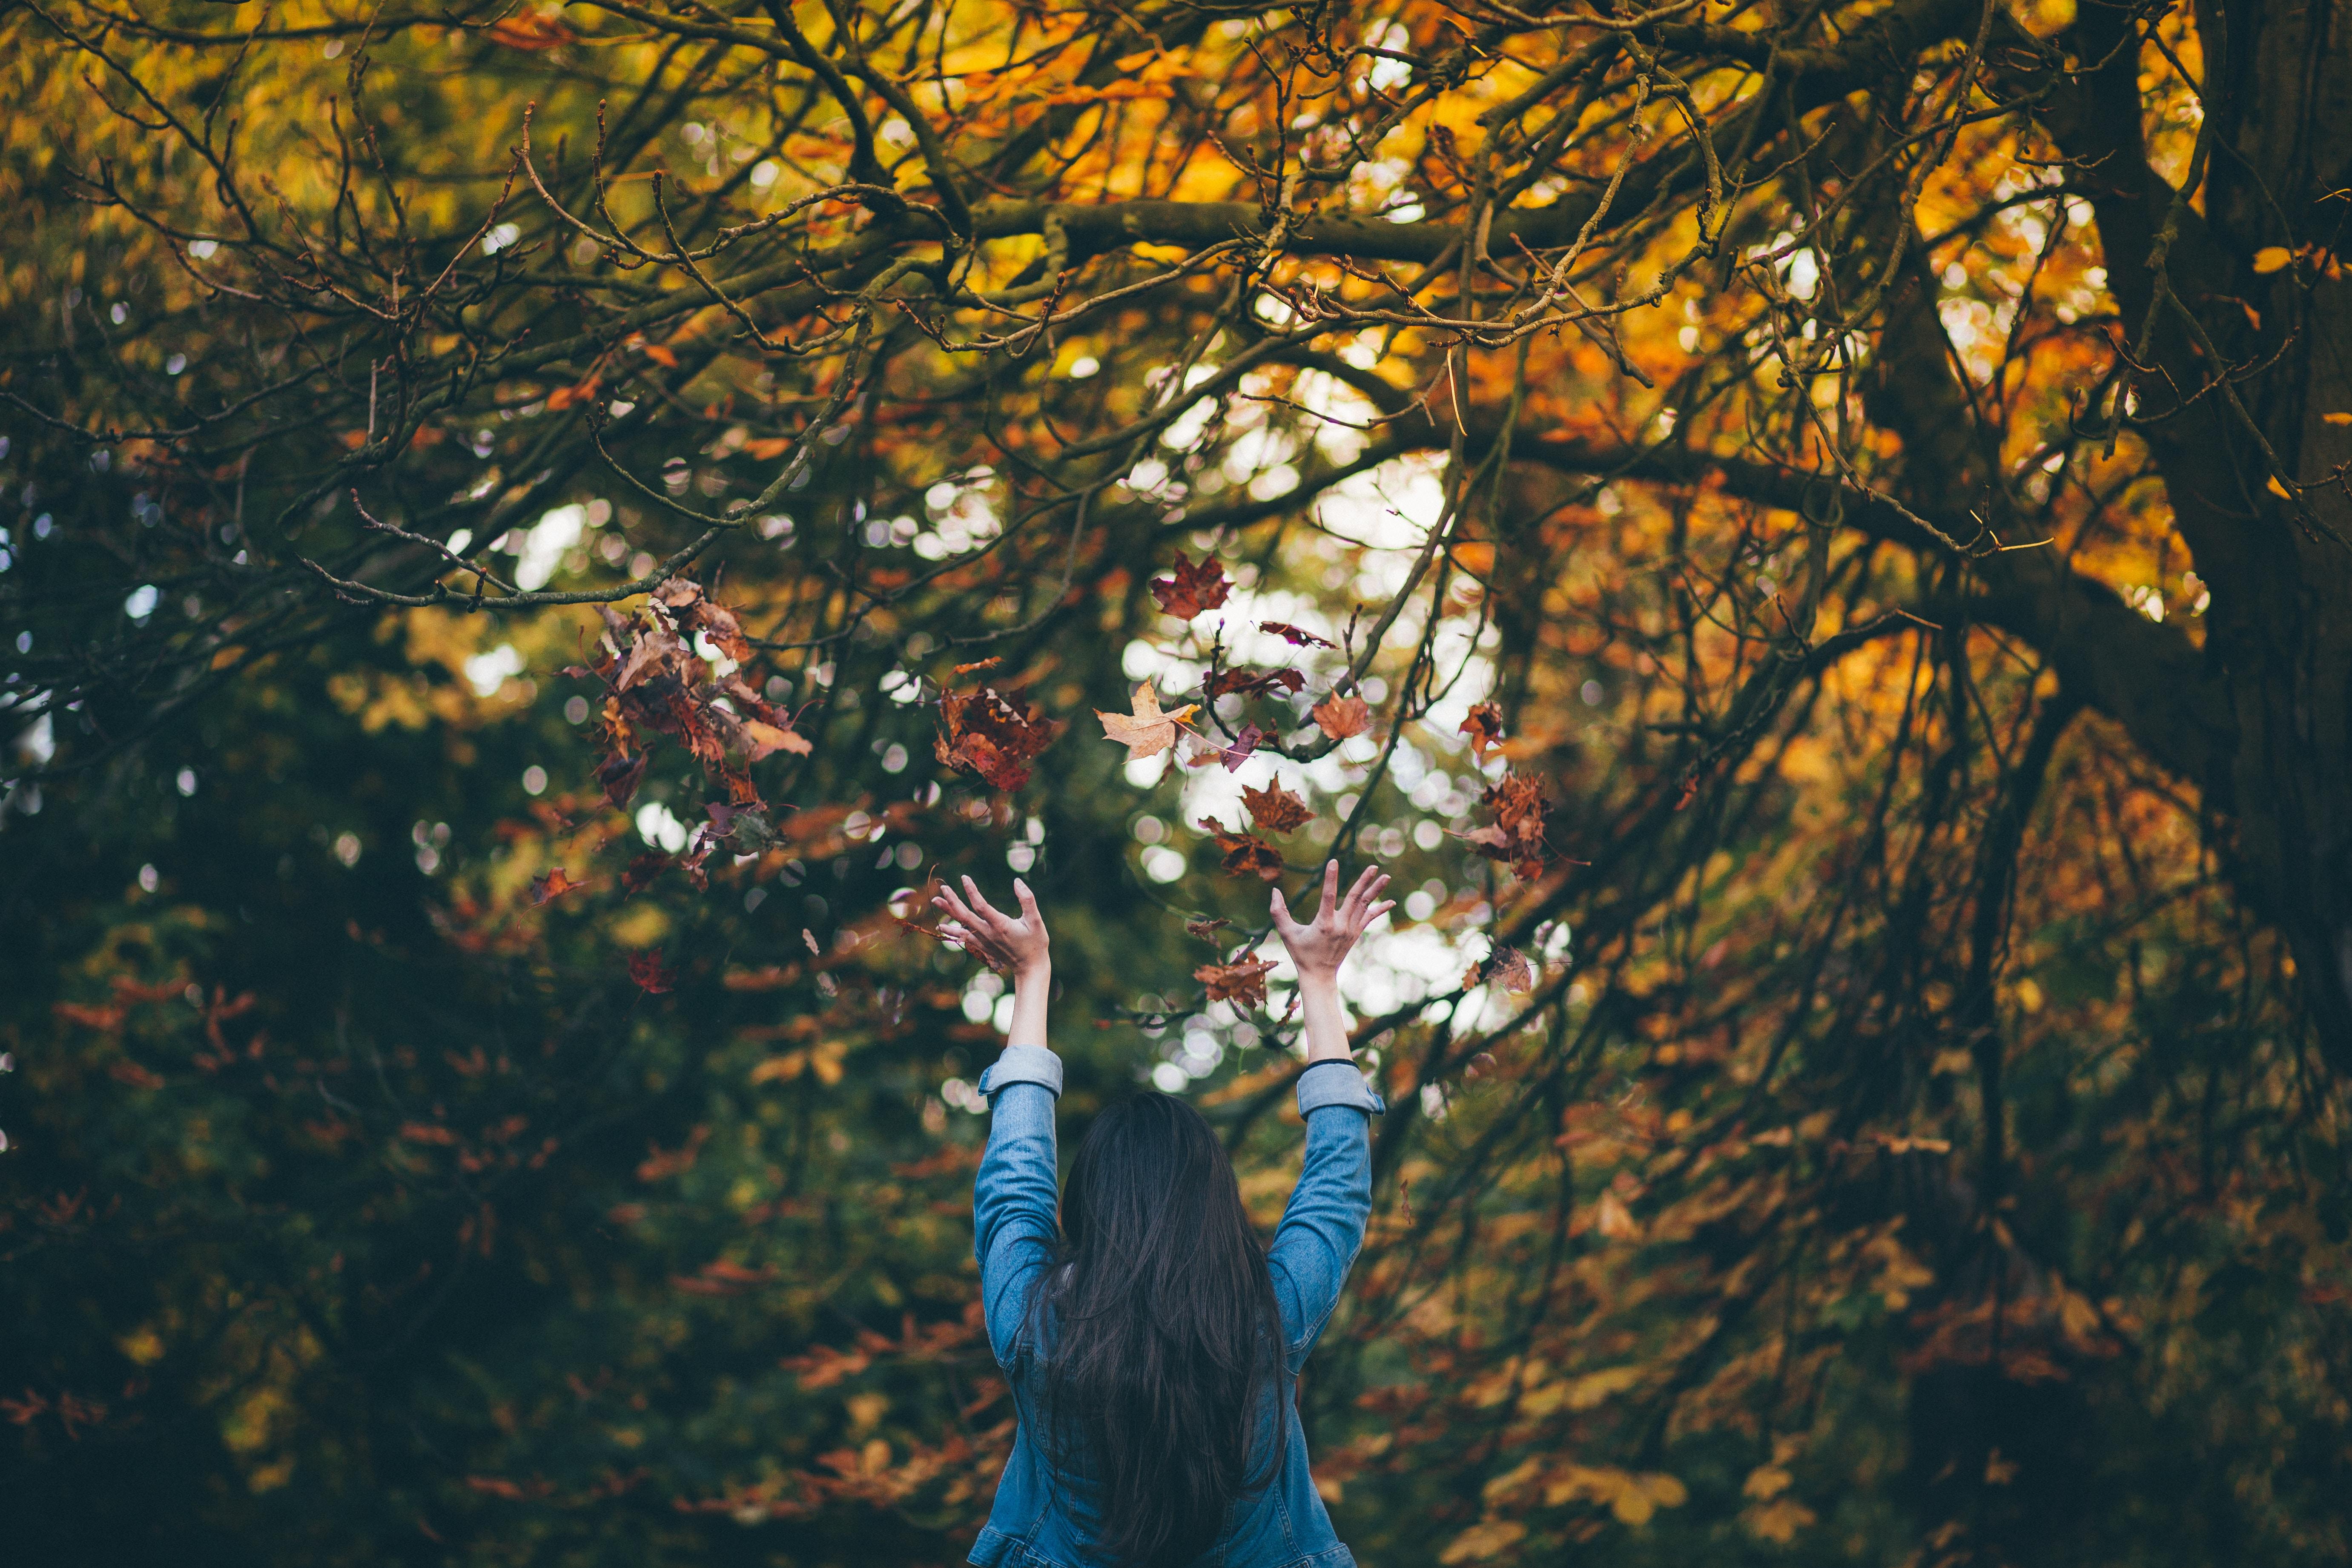 So với cảm giác yêu đơn phương hay thất tình thì độc thân vẫn còn dễ chịu hơn - Ảnh 1.